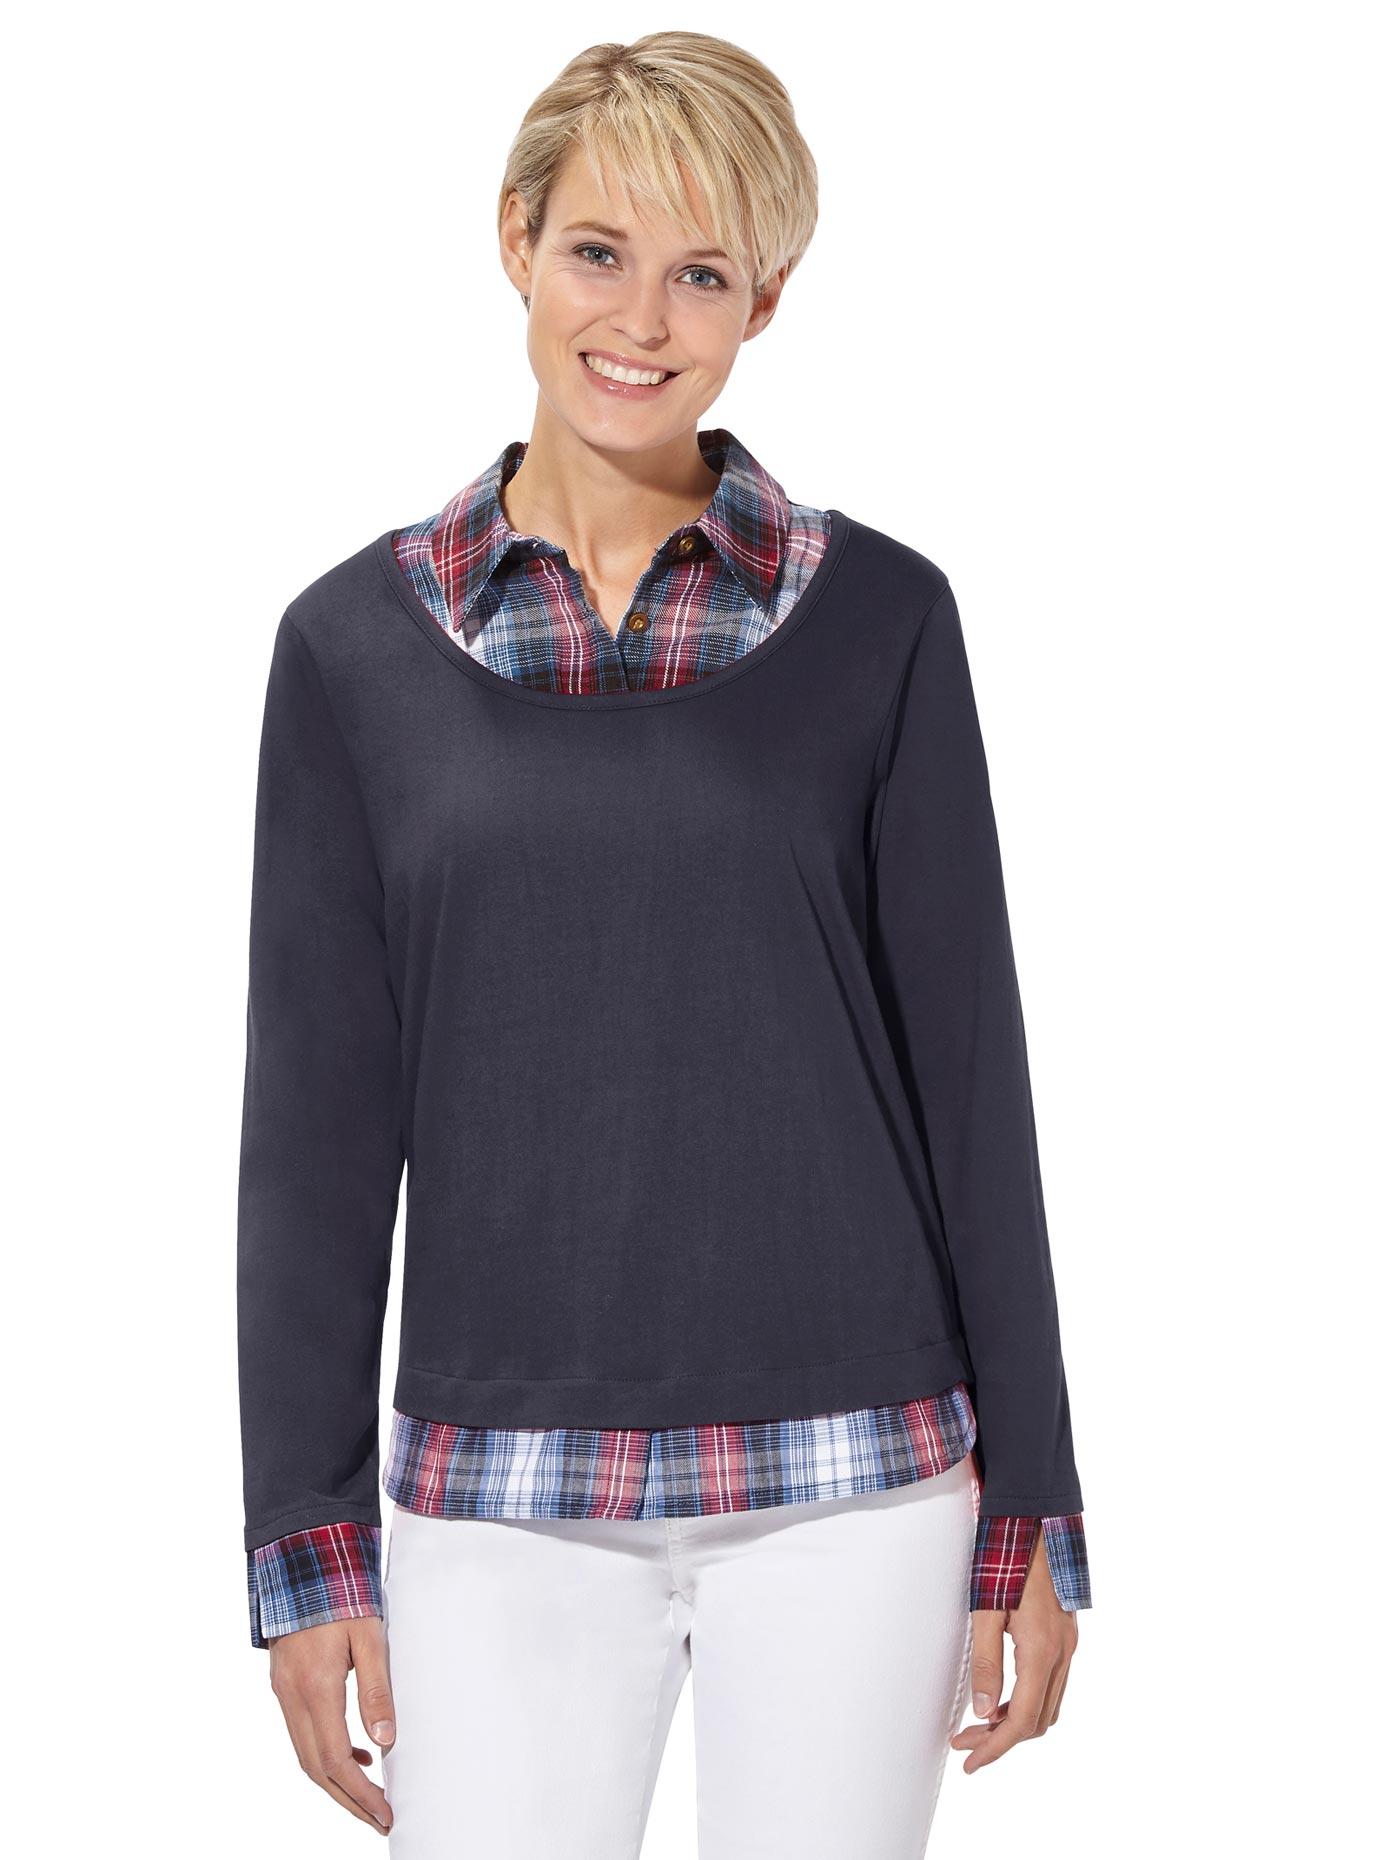 Casual Looks 2-in-1-Shirt im beliebtem Lagen-Look | Bekleidung > Shirts > 2-in-1 Shirts | Casual Looks